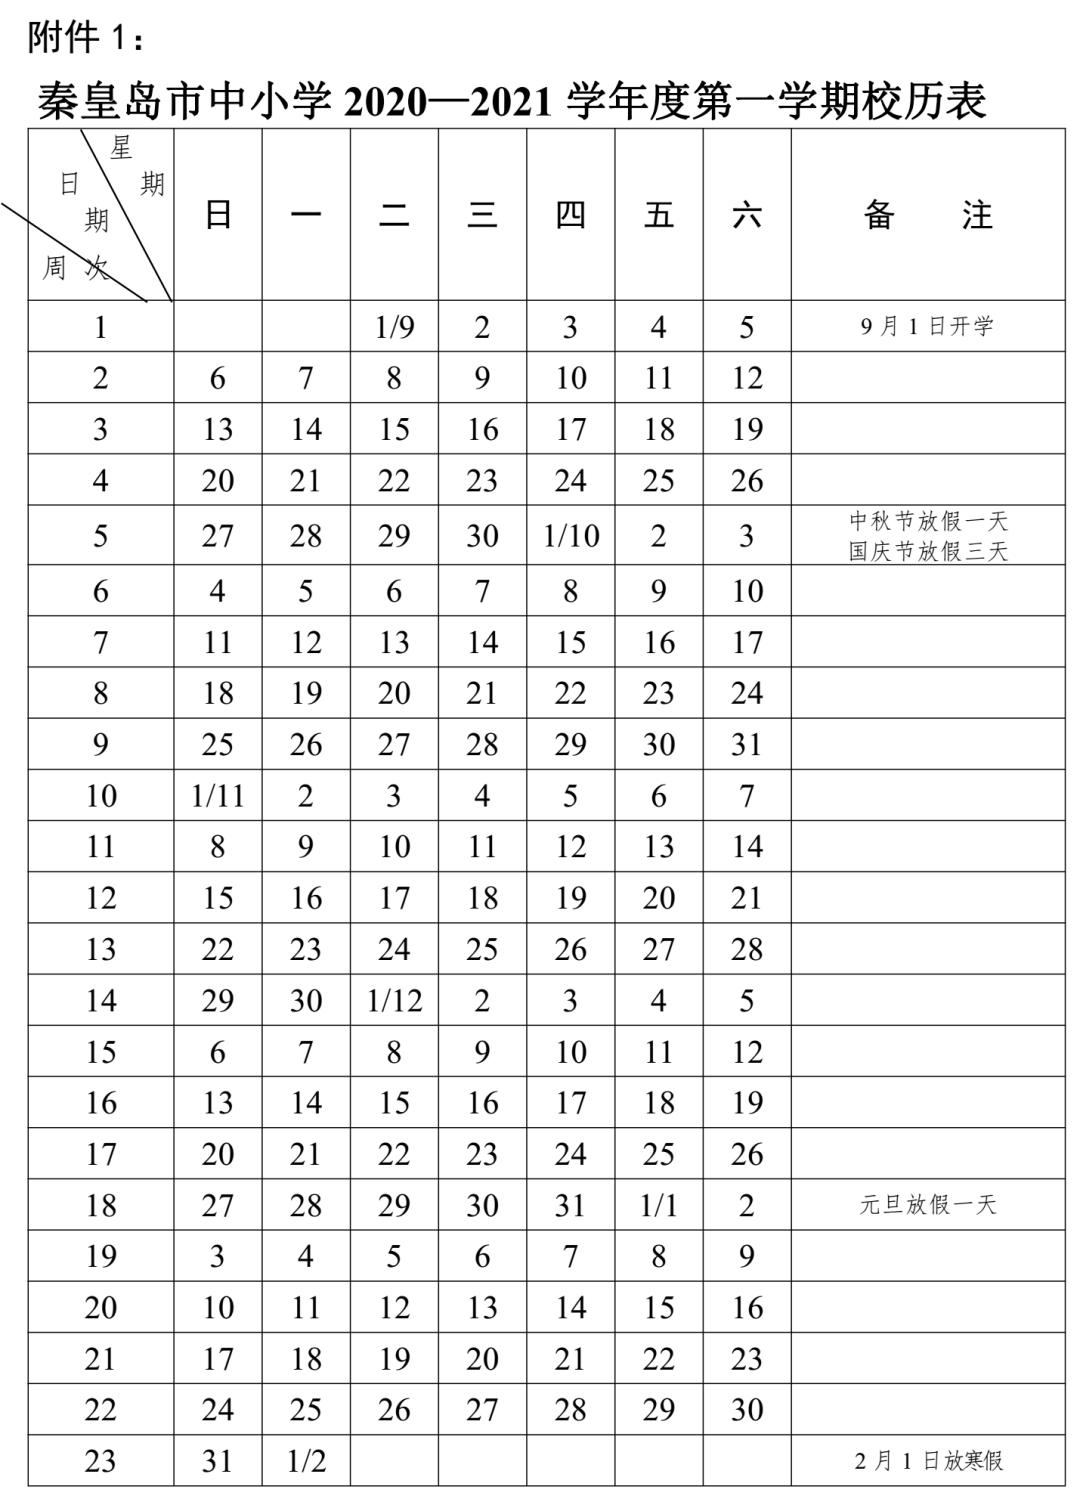 秦皇岛中小学2021年寒假放假通知